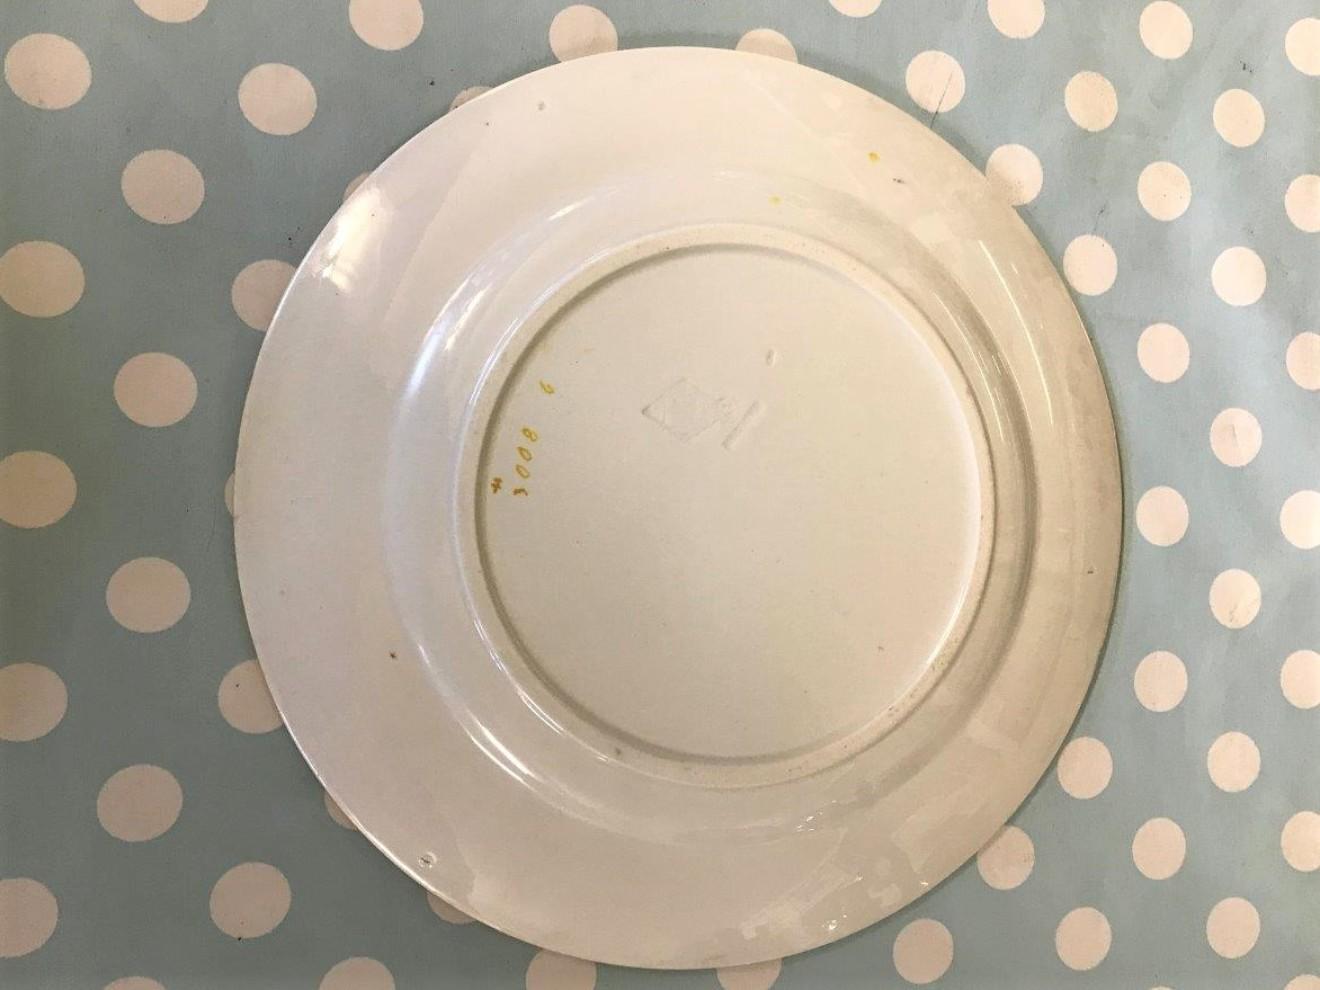 Imari Tureen, Ladle and 4 Plates